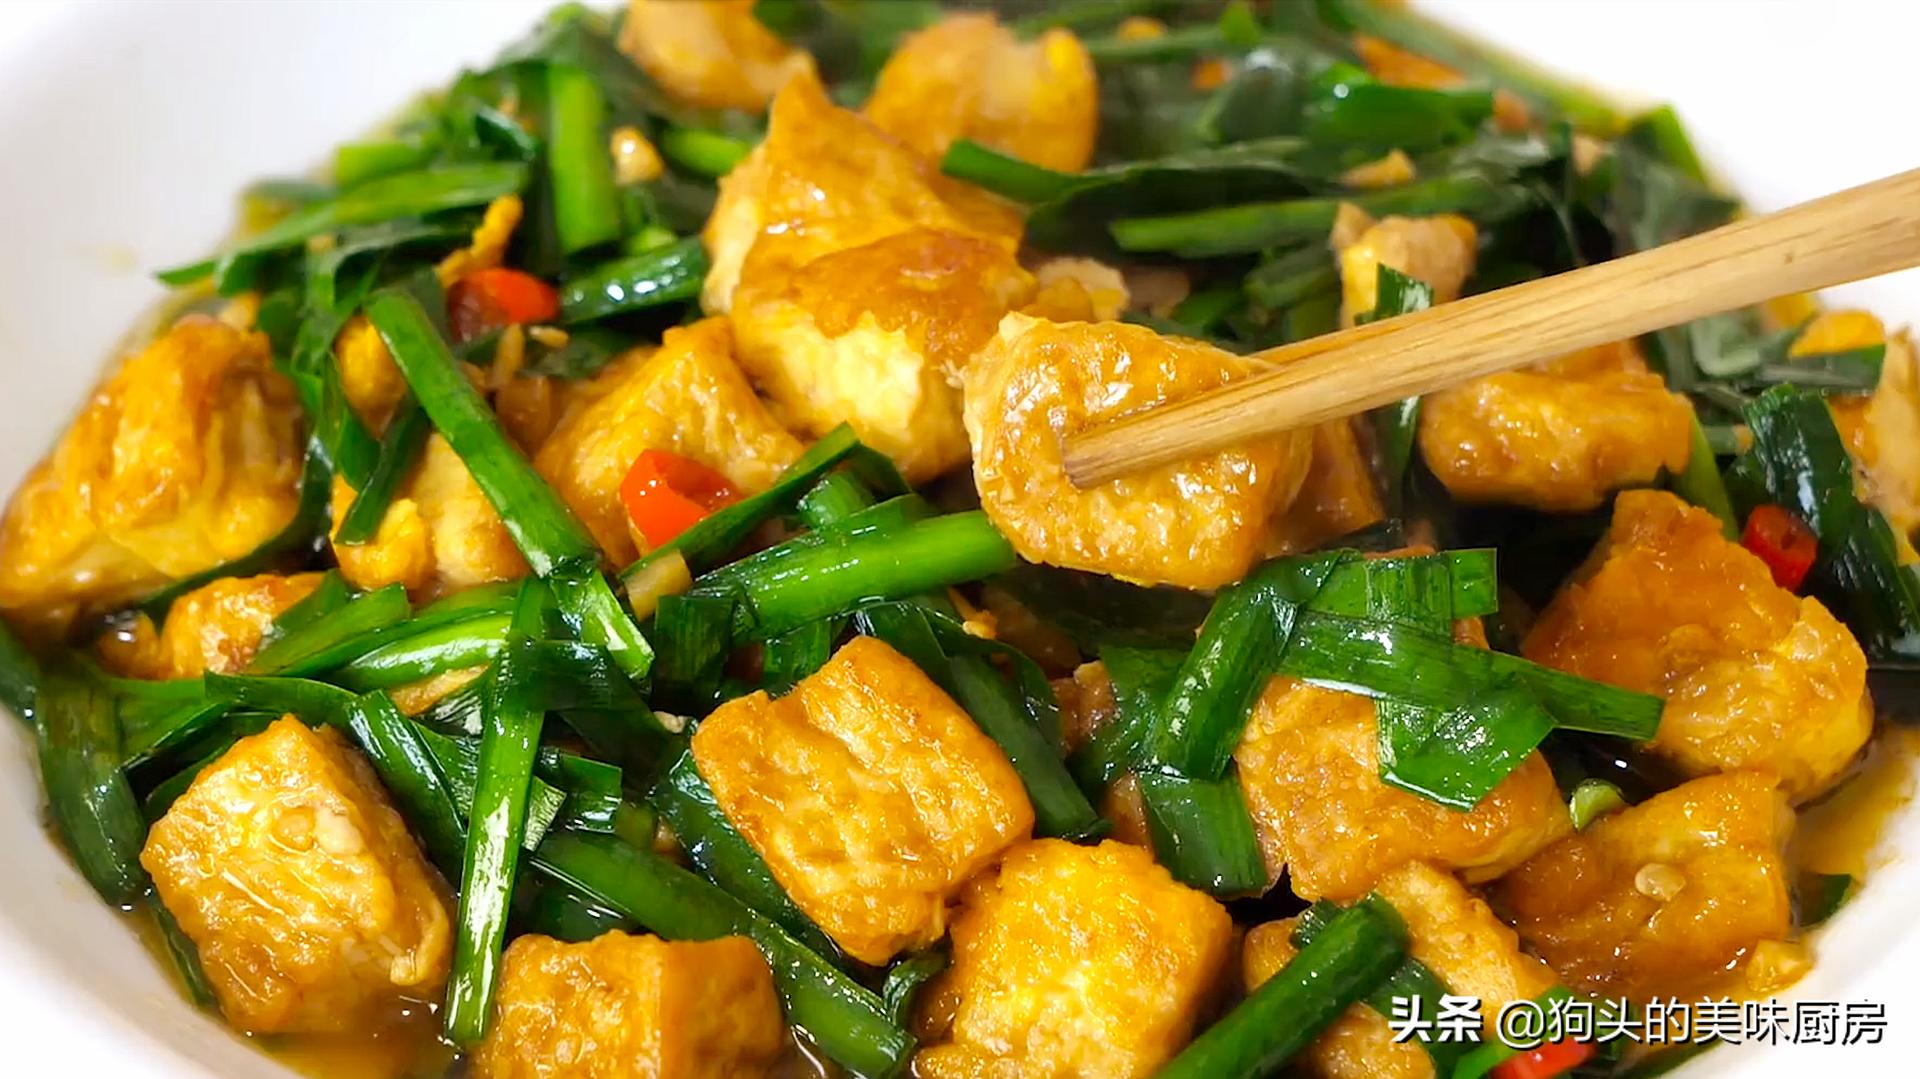 豆腐和它最配,简单易做,味道鲜美,比麻婆豆腐好吃,上桌就光盘 美食做法 第1张